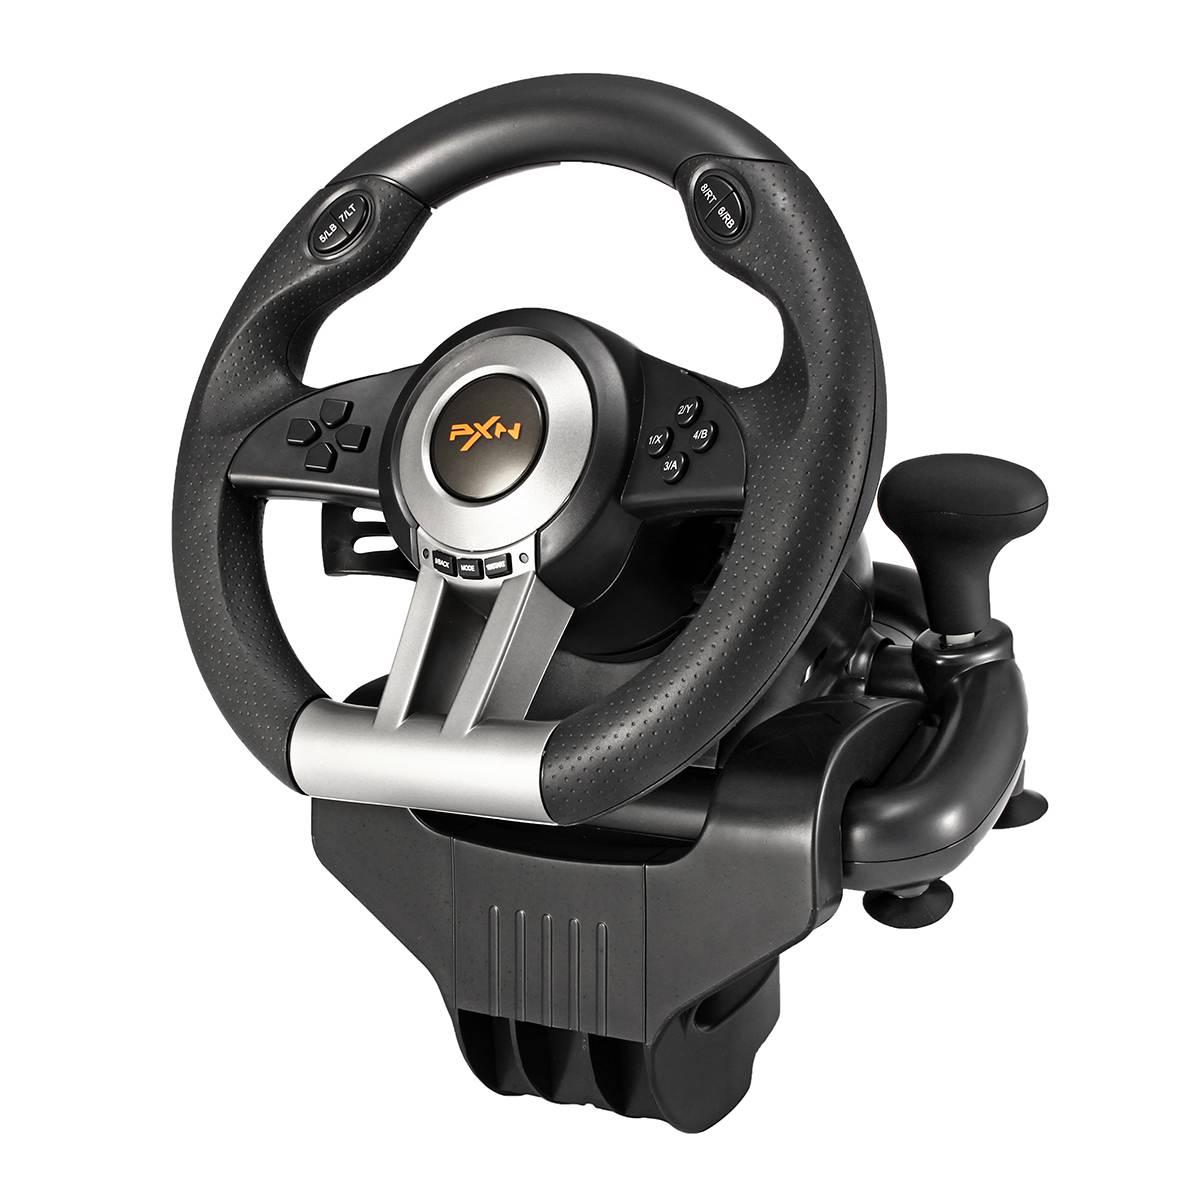 PXN V3II jeu de course volant frein pédale pour PC ordinateur Gamepads jeux accessoires bricolage conduite Simulation noir